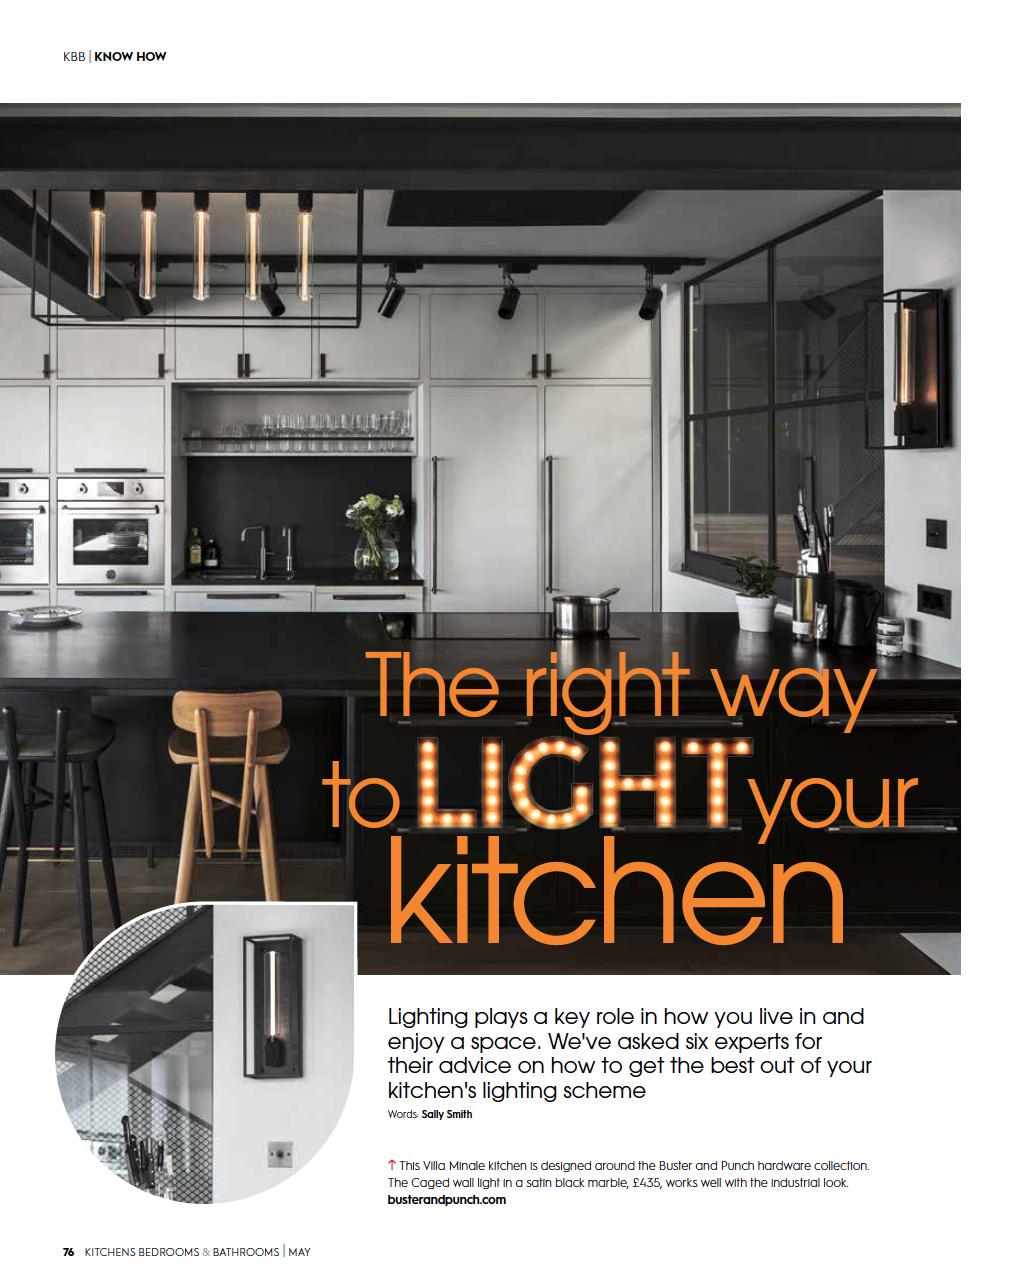 Eleanor Bell Kitchens, Bedrooms & Bathrooms May 2018 Kitchen Lighting 1